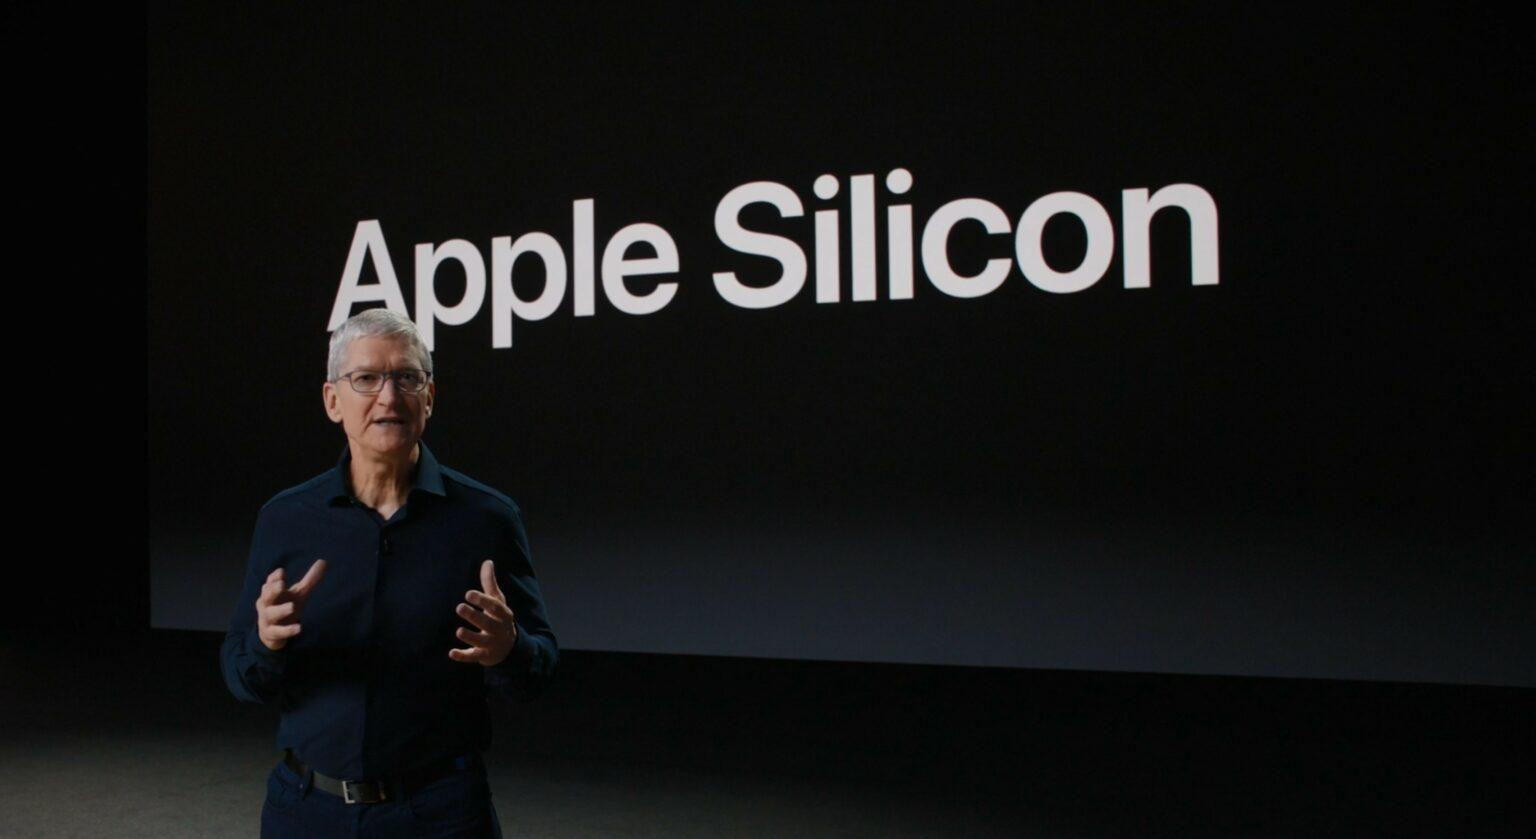 Silicona de manzana